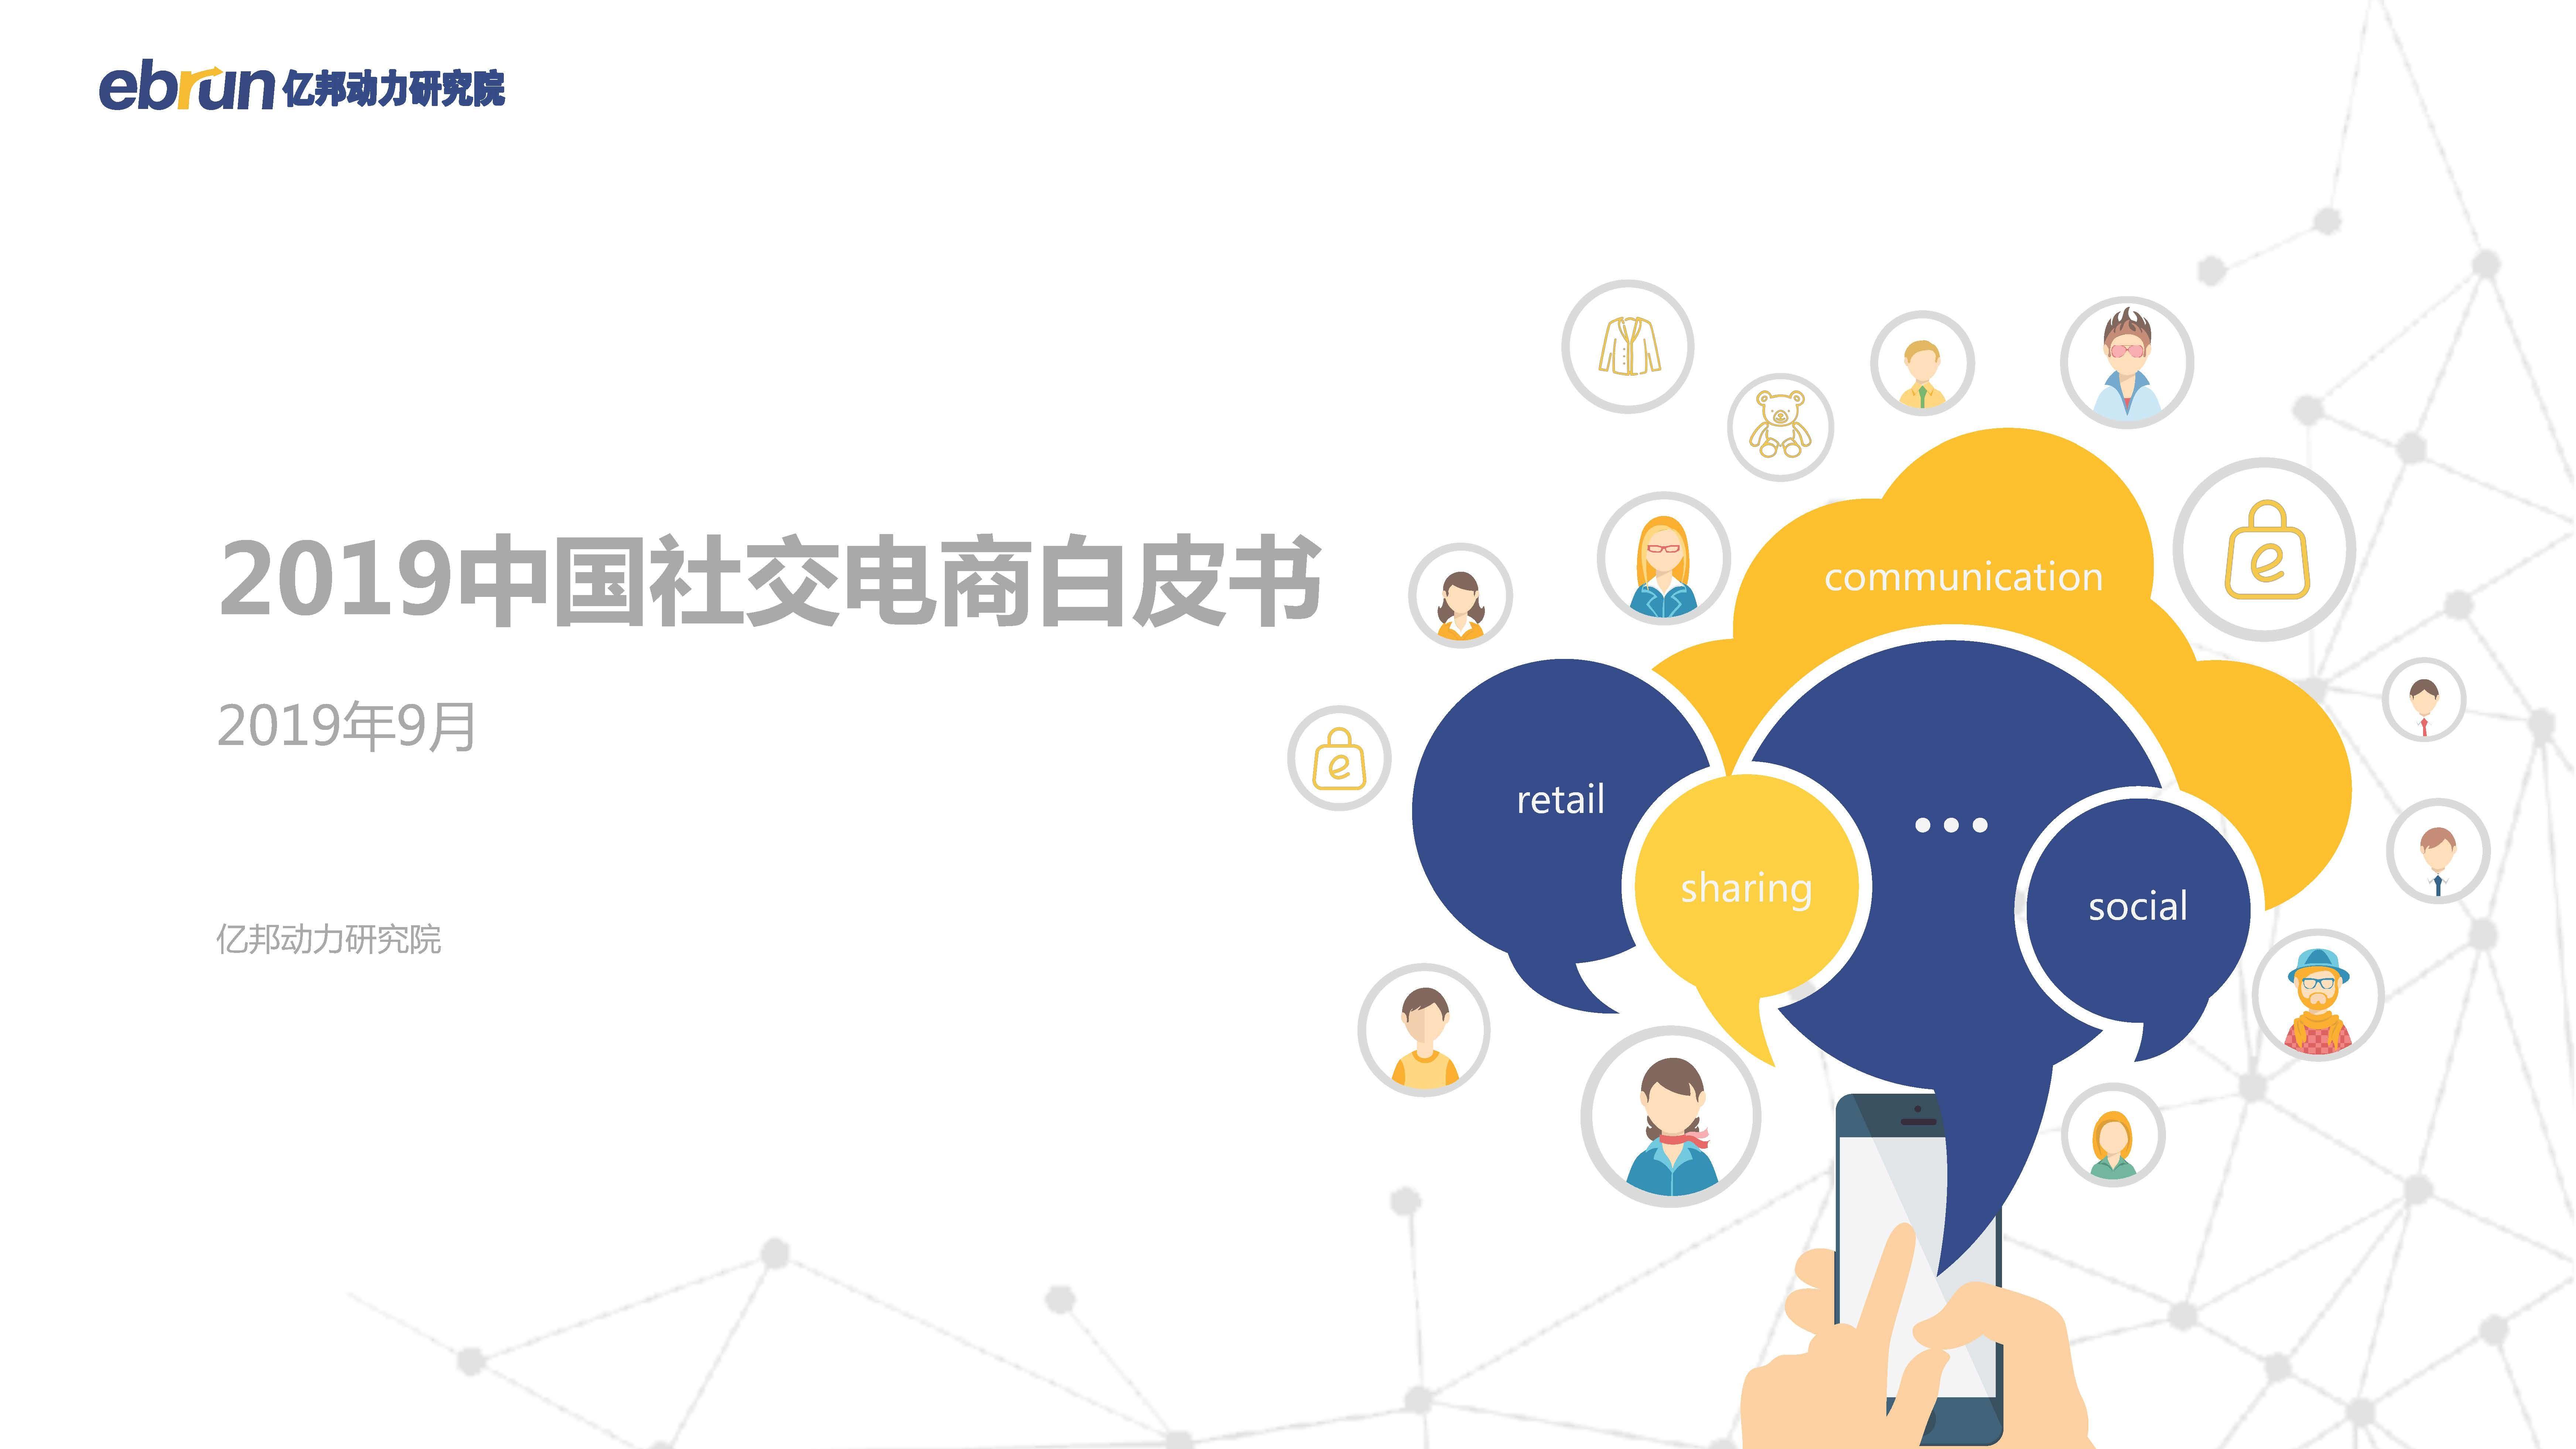 中国社交电商白皮书(附下载)